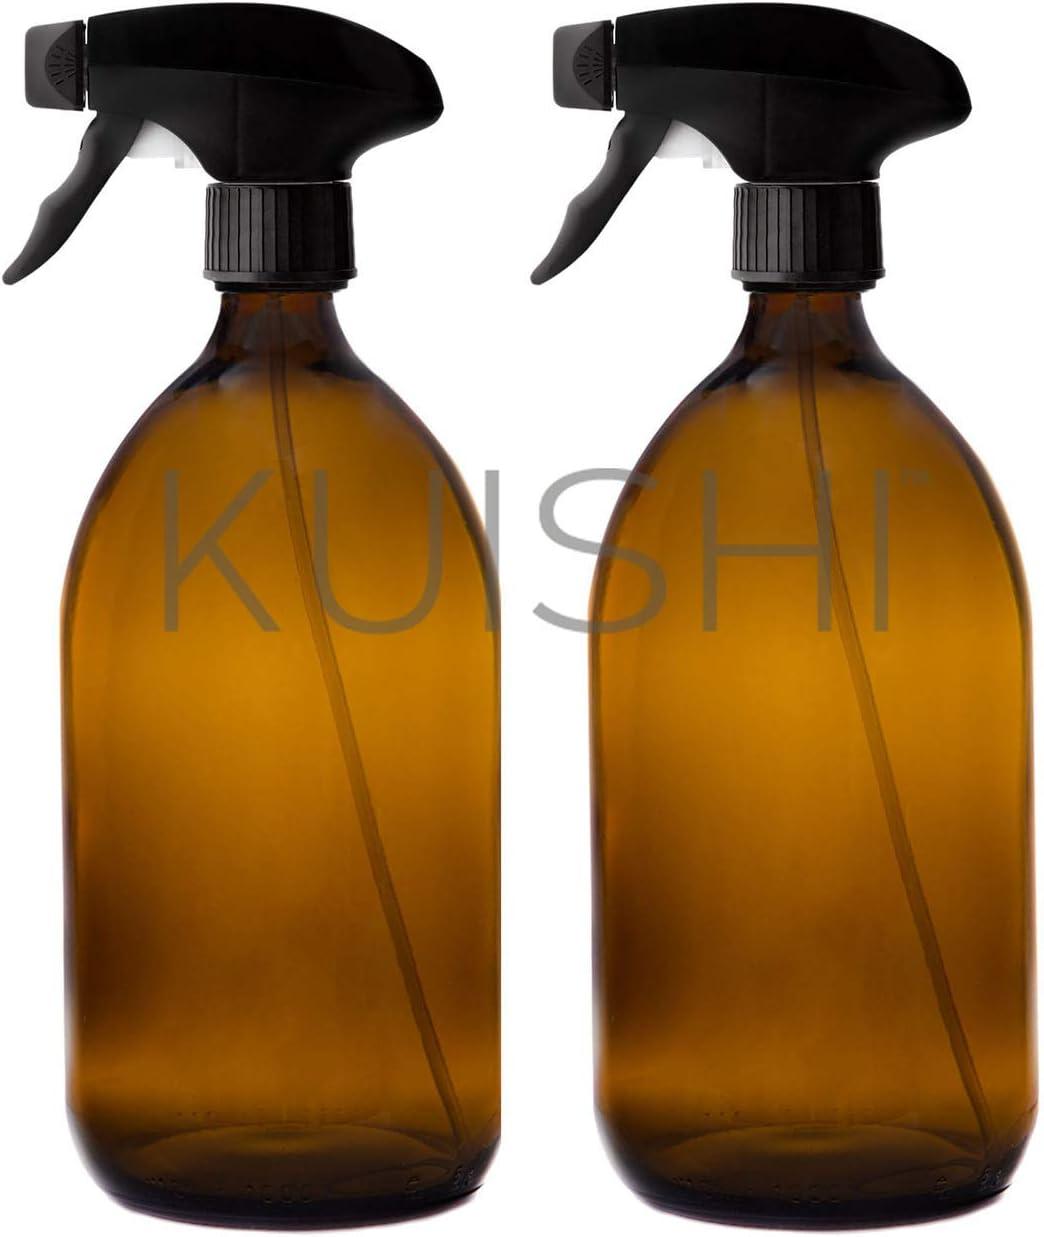 Pulizia e Giardinaggio Spruzzino Nebulizzatore per Piante 250 ml, Confezione da 2 Bottiglie di Vetro Riciclato Bottiglia Spray Vuote in Vetro Ambrato Kuishi Senza BPA